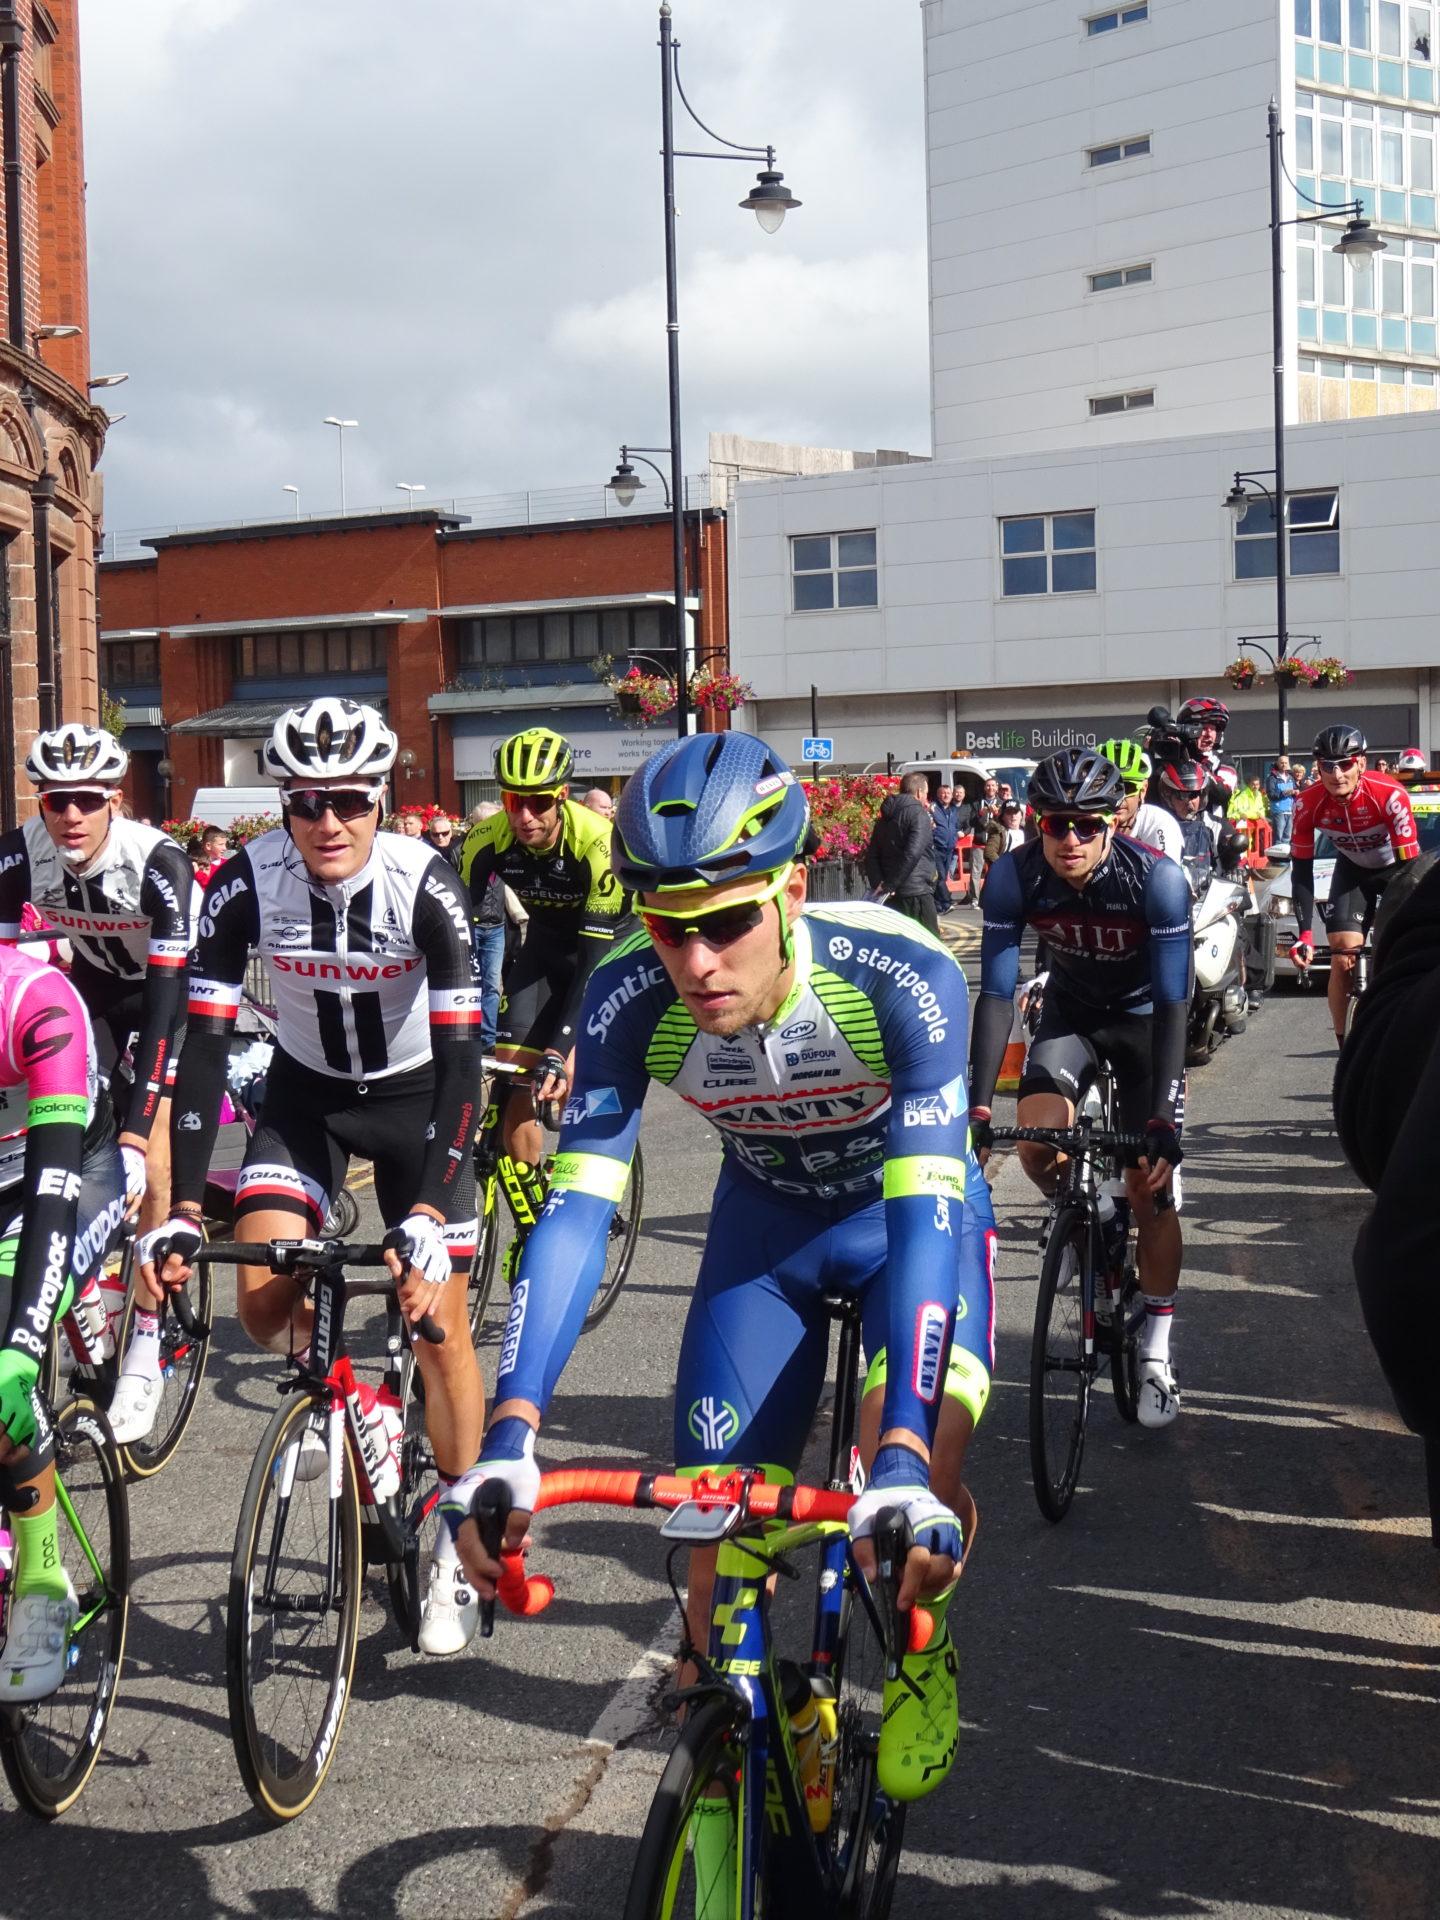 Tour of Britain 2021 – The Tour Returns to Cumbria